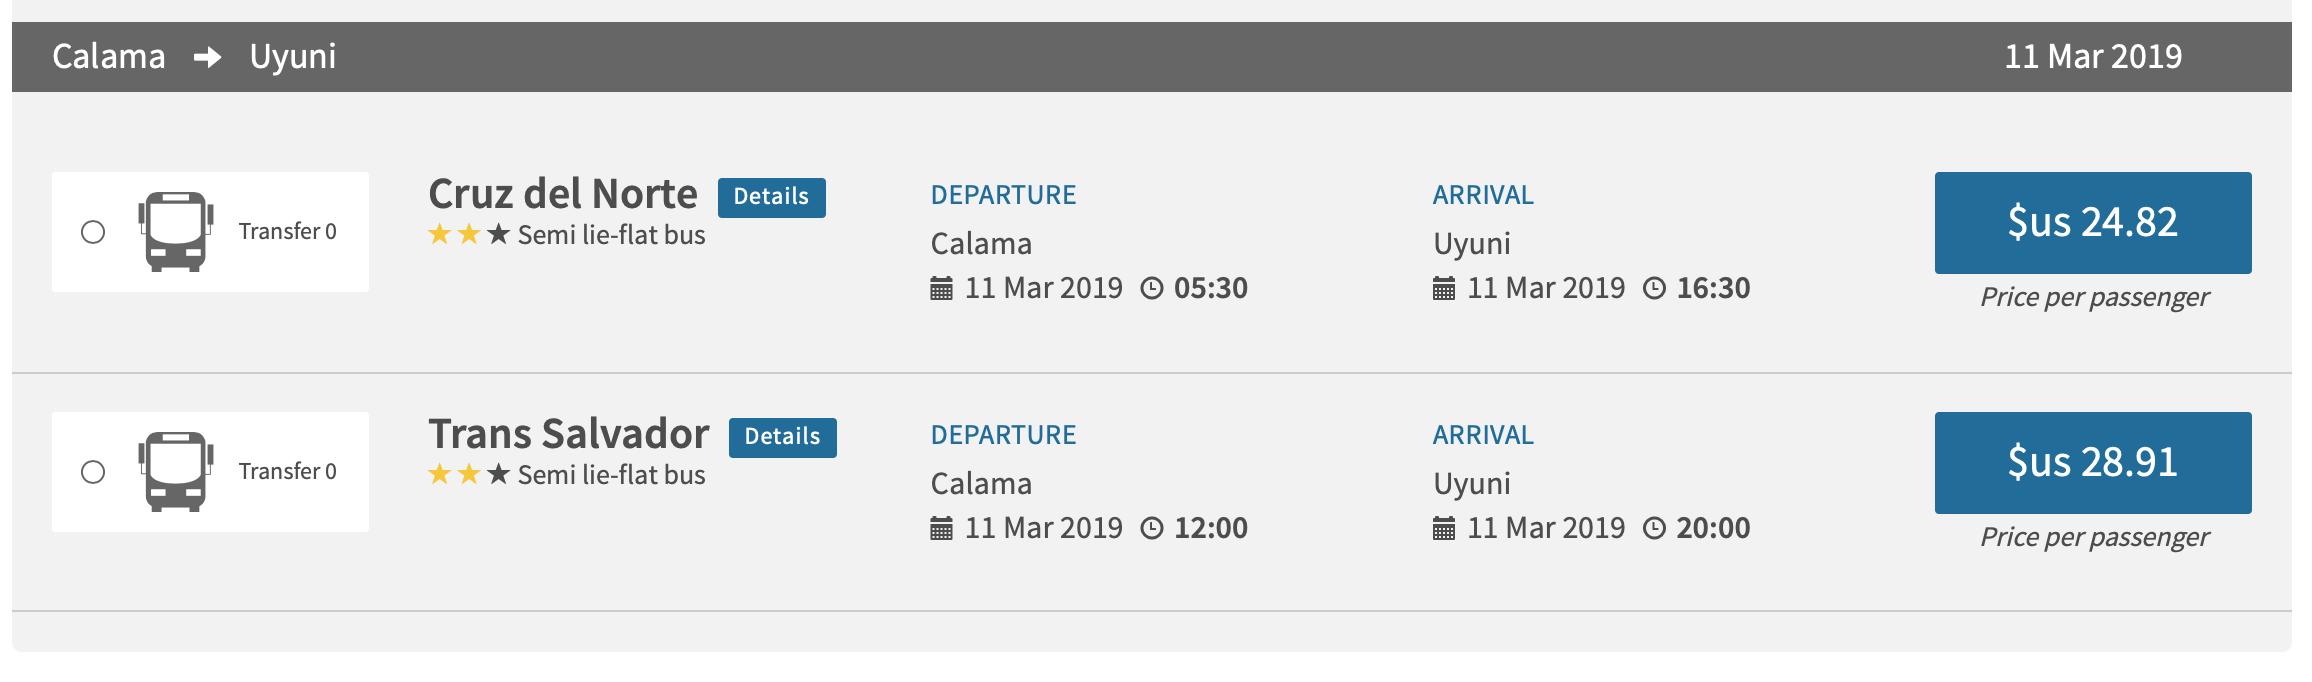 カラマ ウユニ バス 時刻表